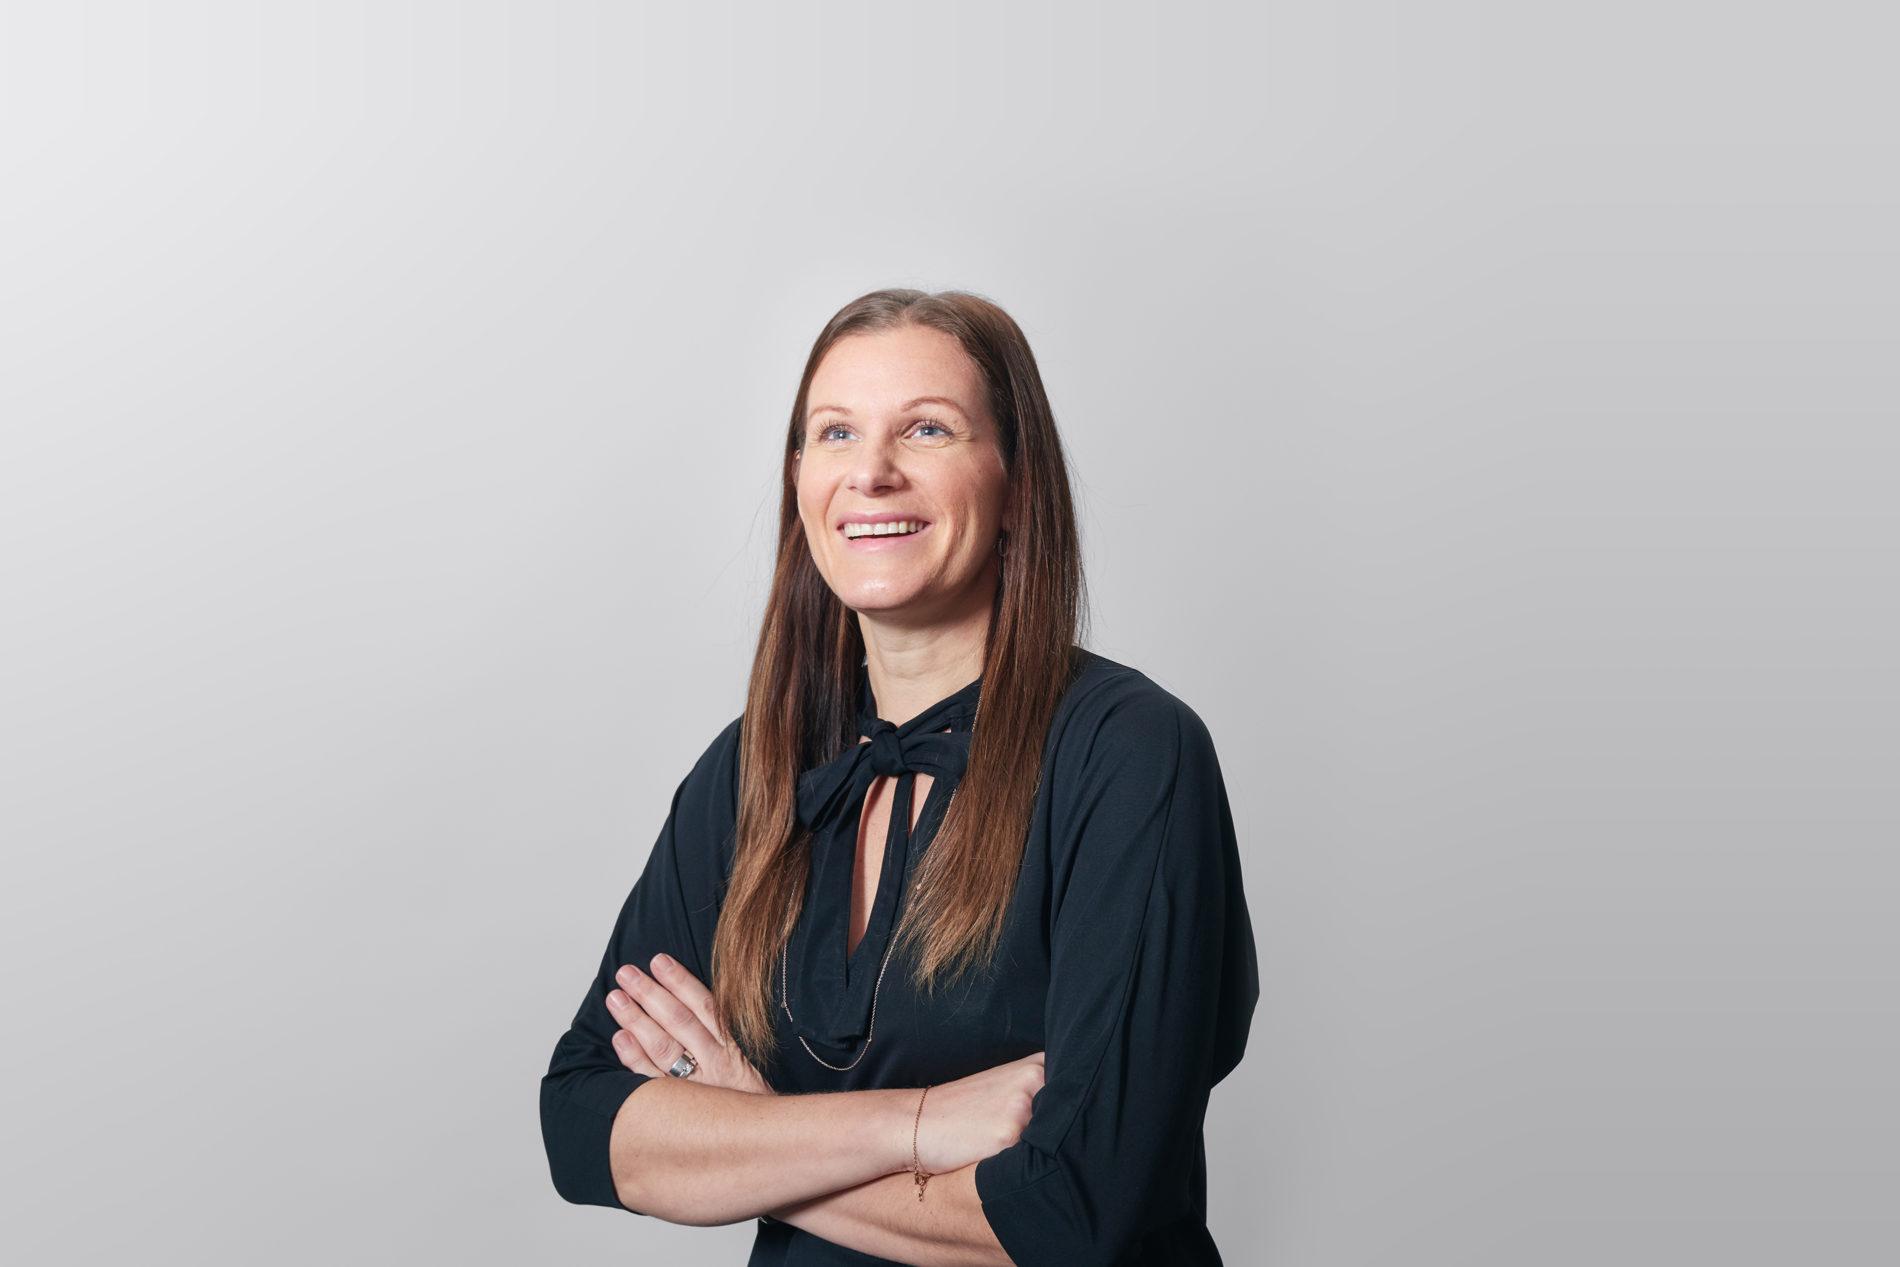 Jessica Gräsberg